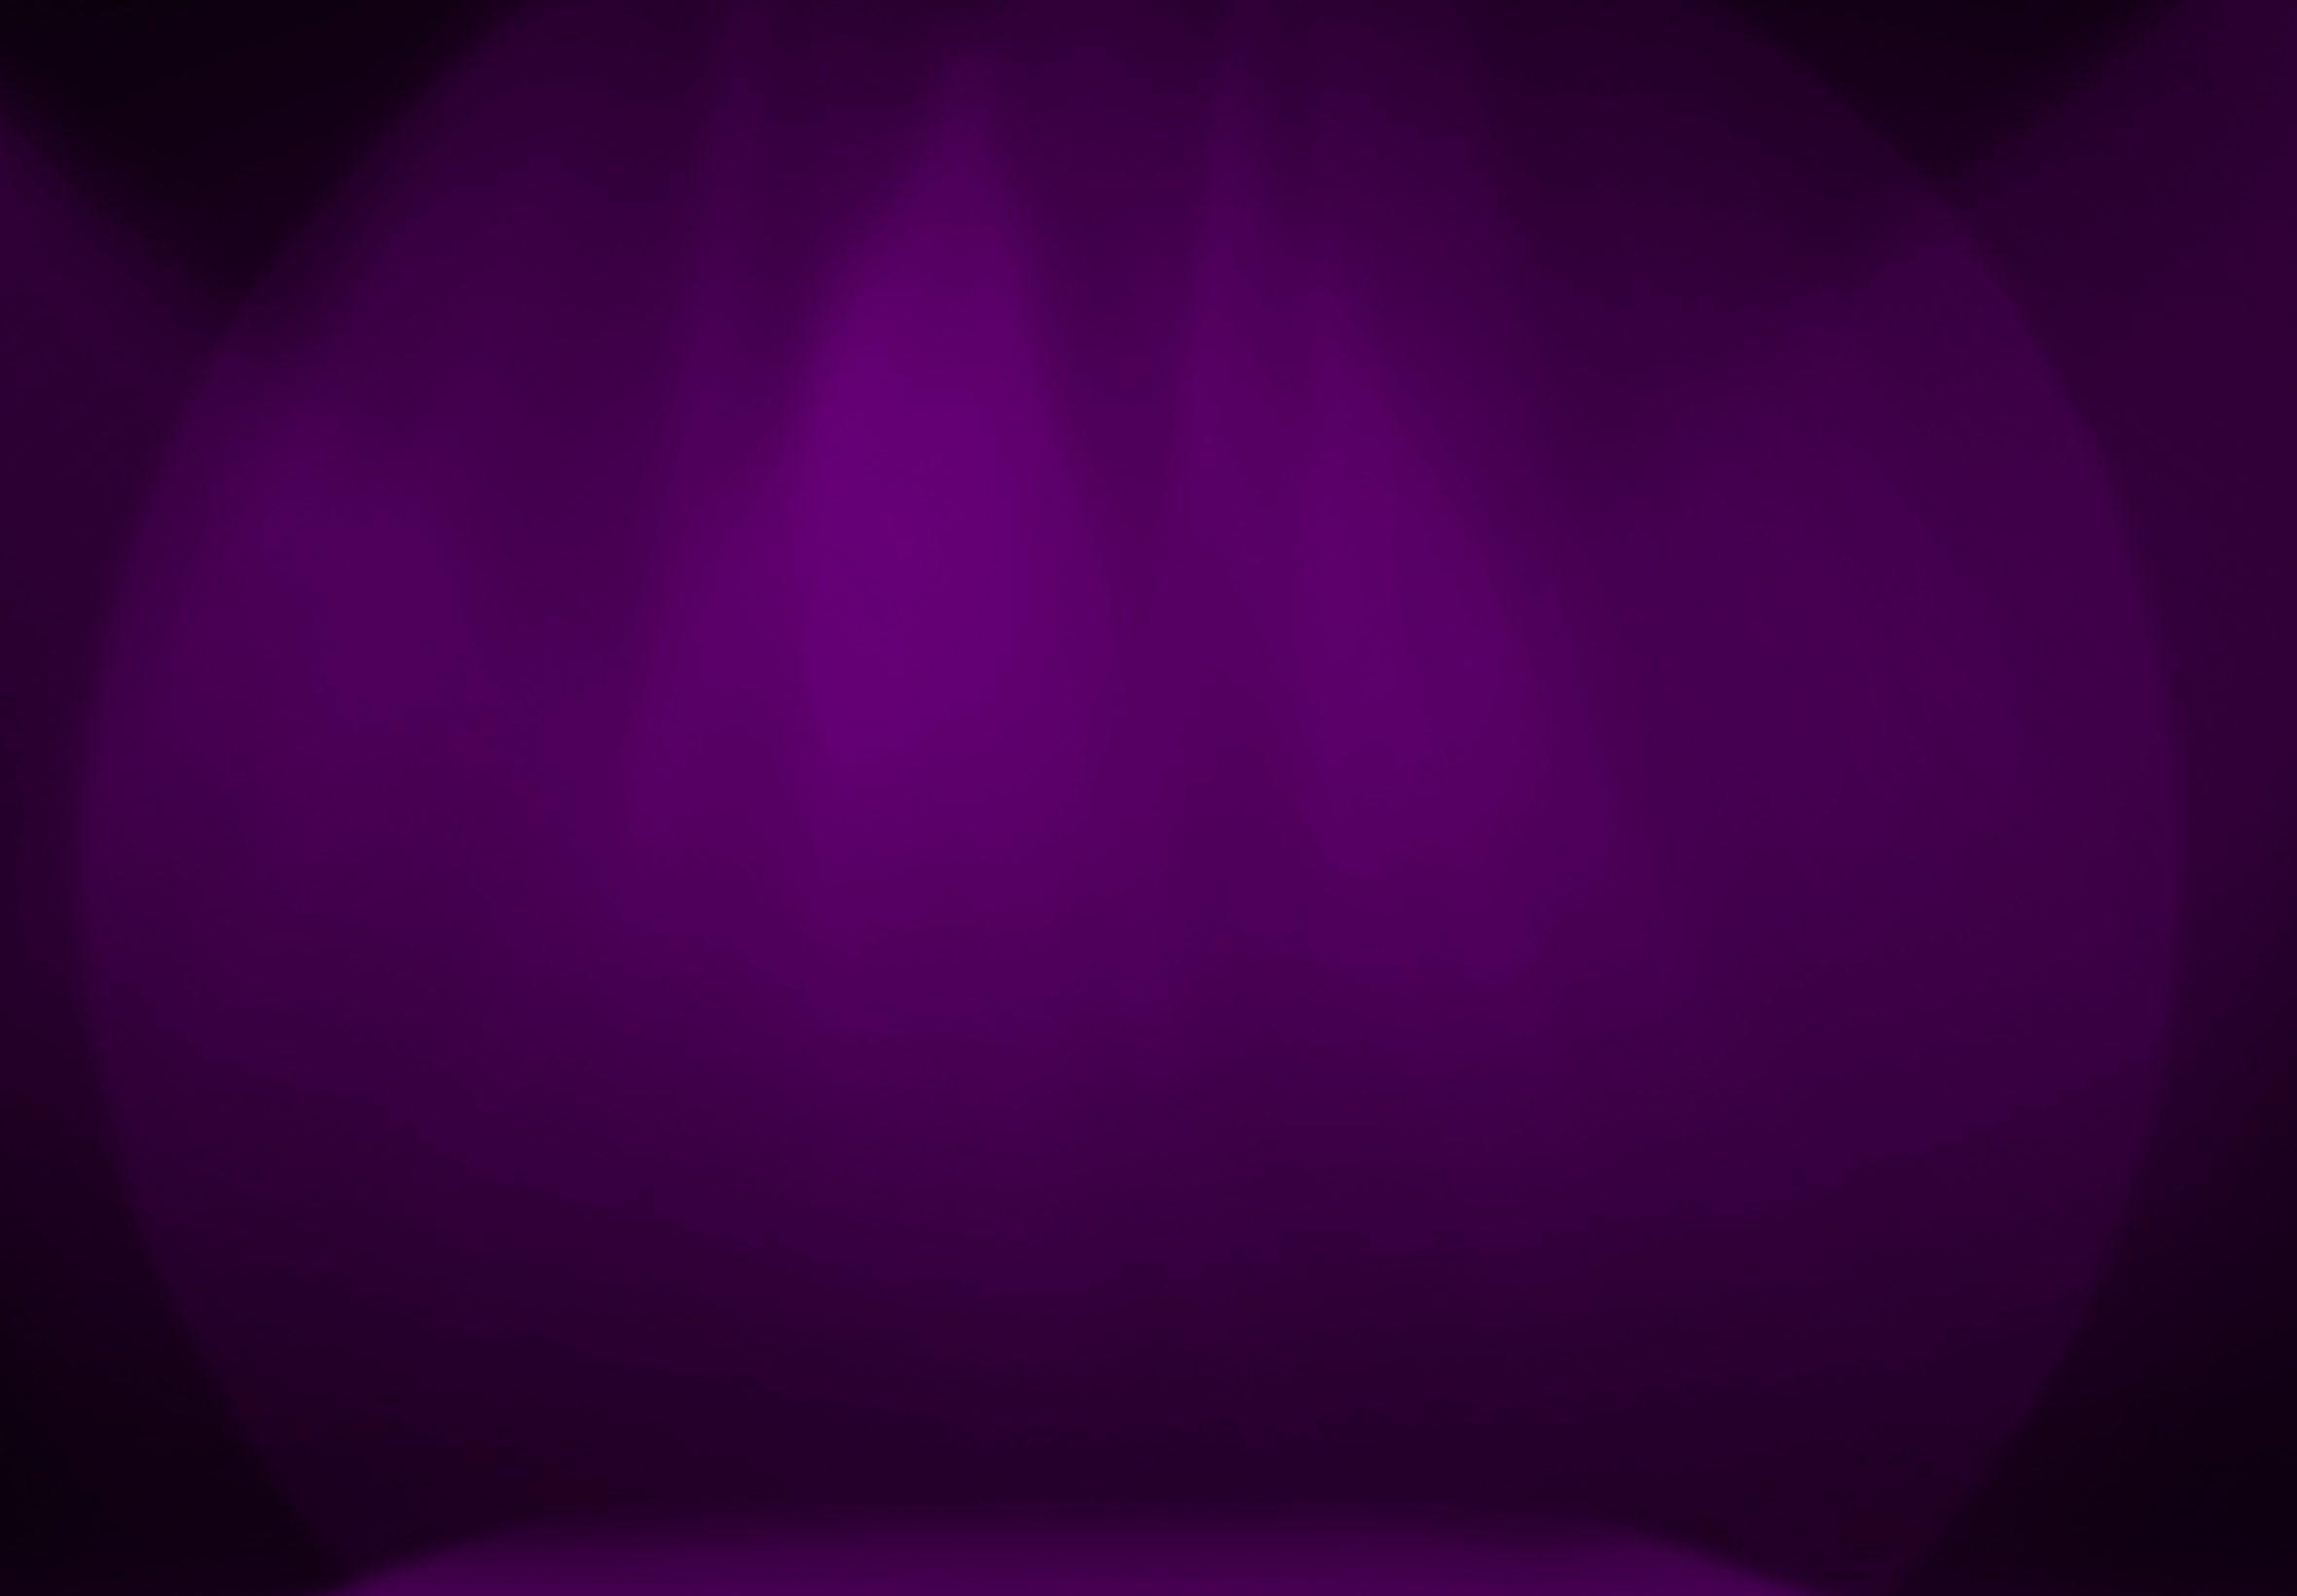 2360x1640 iPad Air wallpaper 4k Purple Stage Decoration iPad Wallpaper 2360x1640 pixels resolution